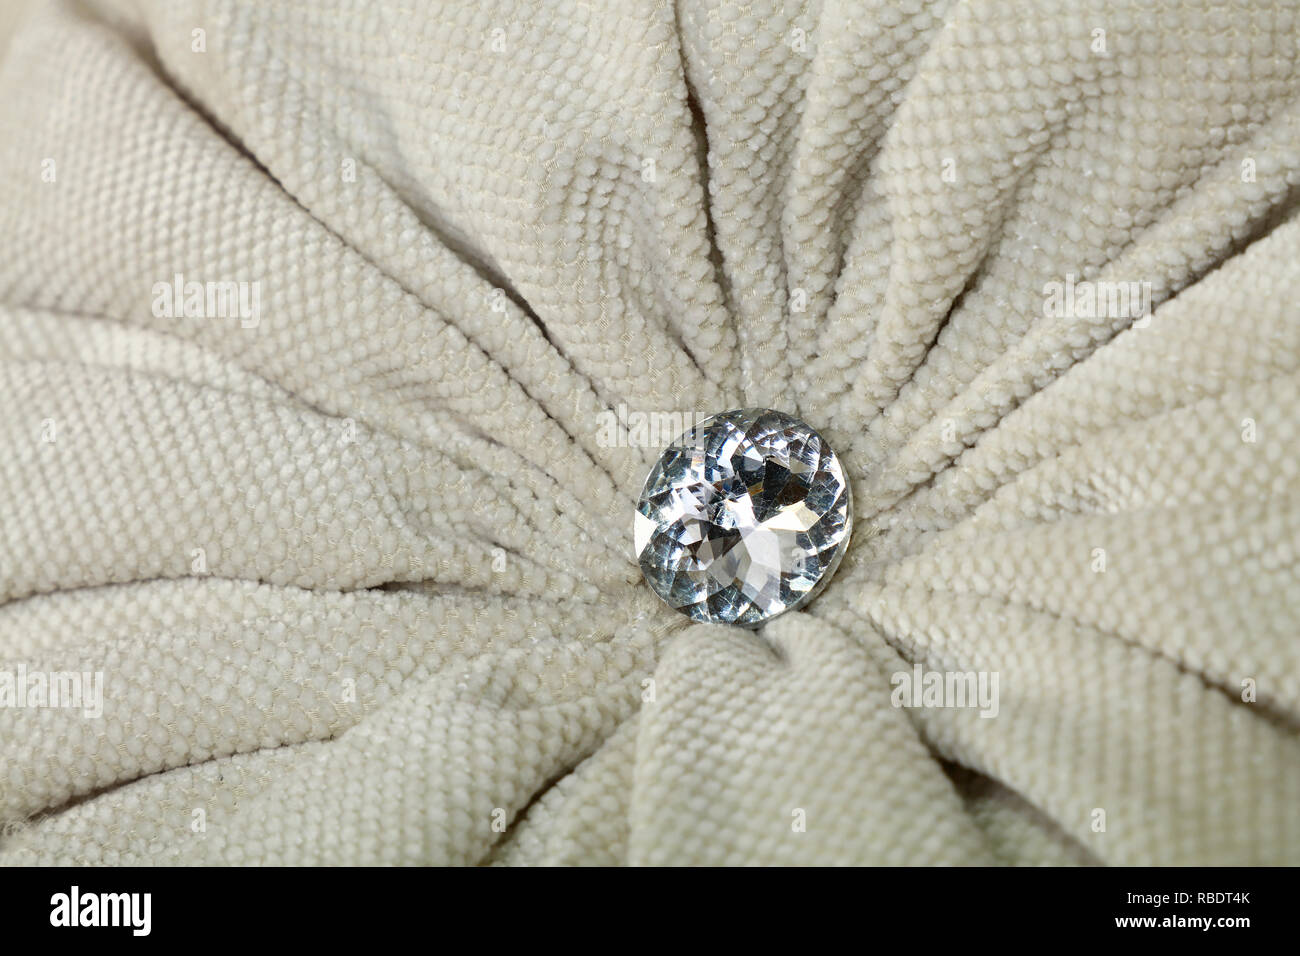 Close Up Rautenförmige Crystal Strass Oder Strass Dekoration Auf